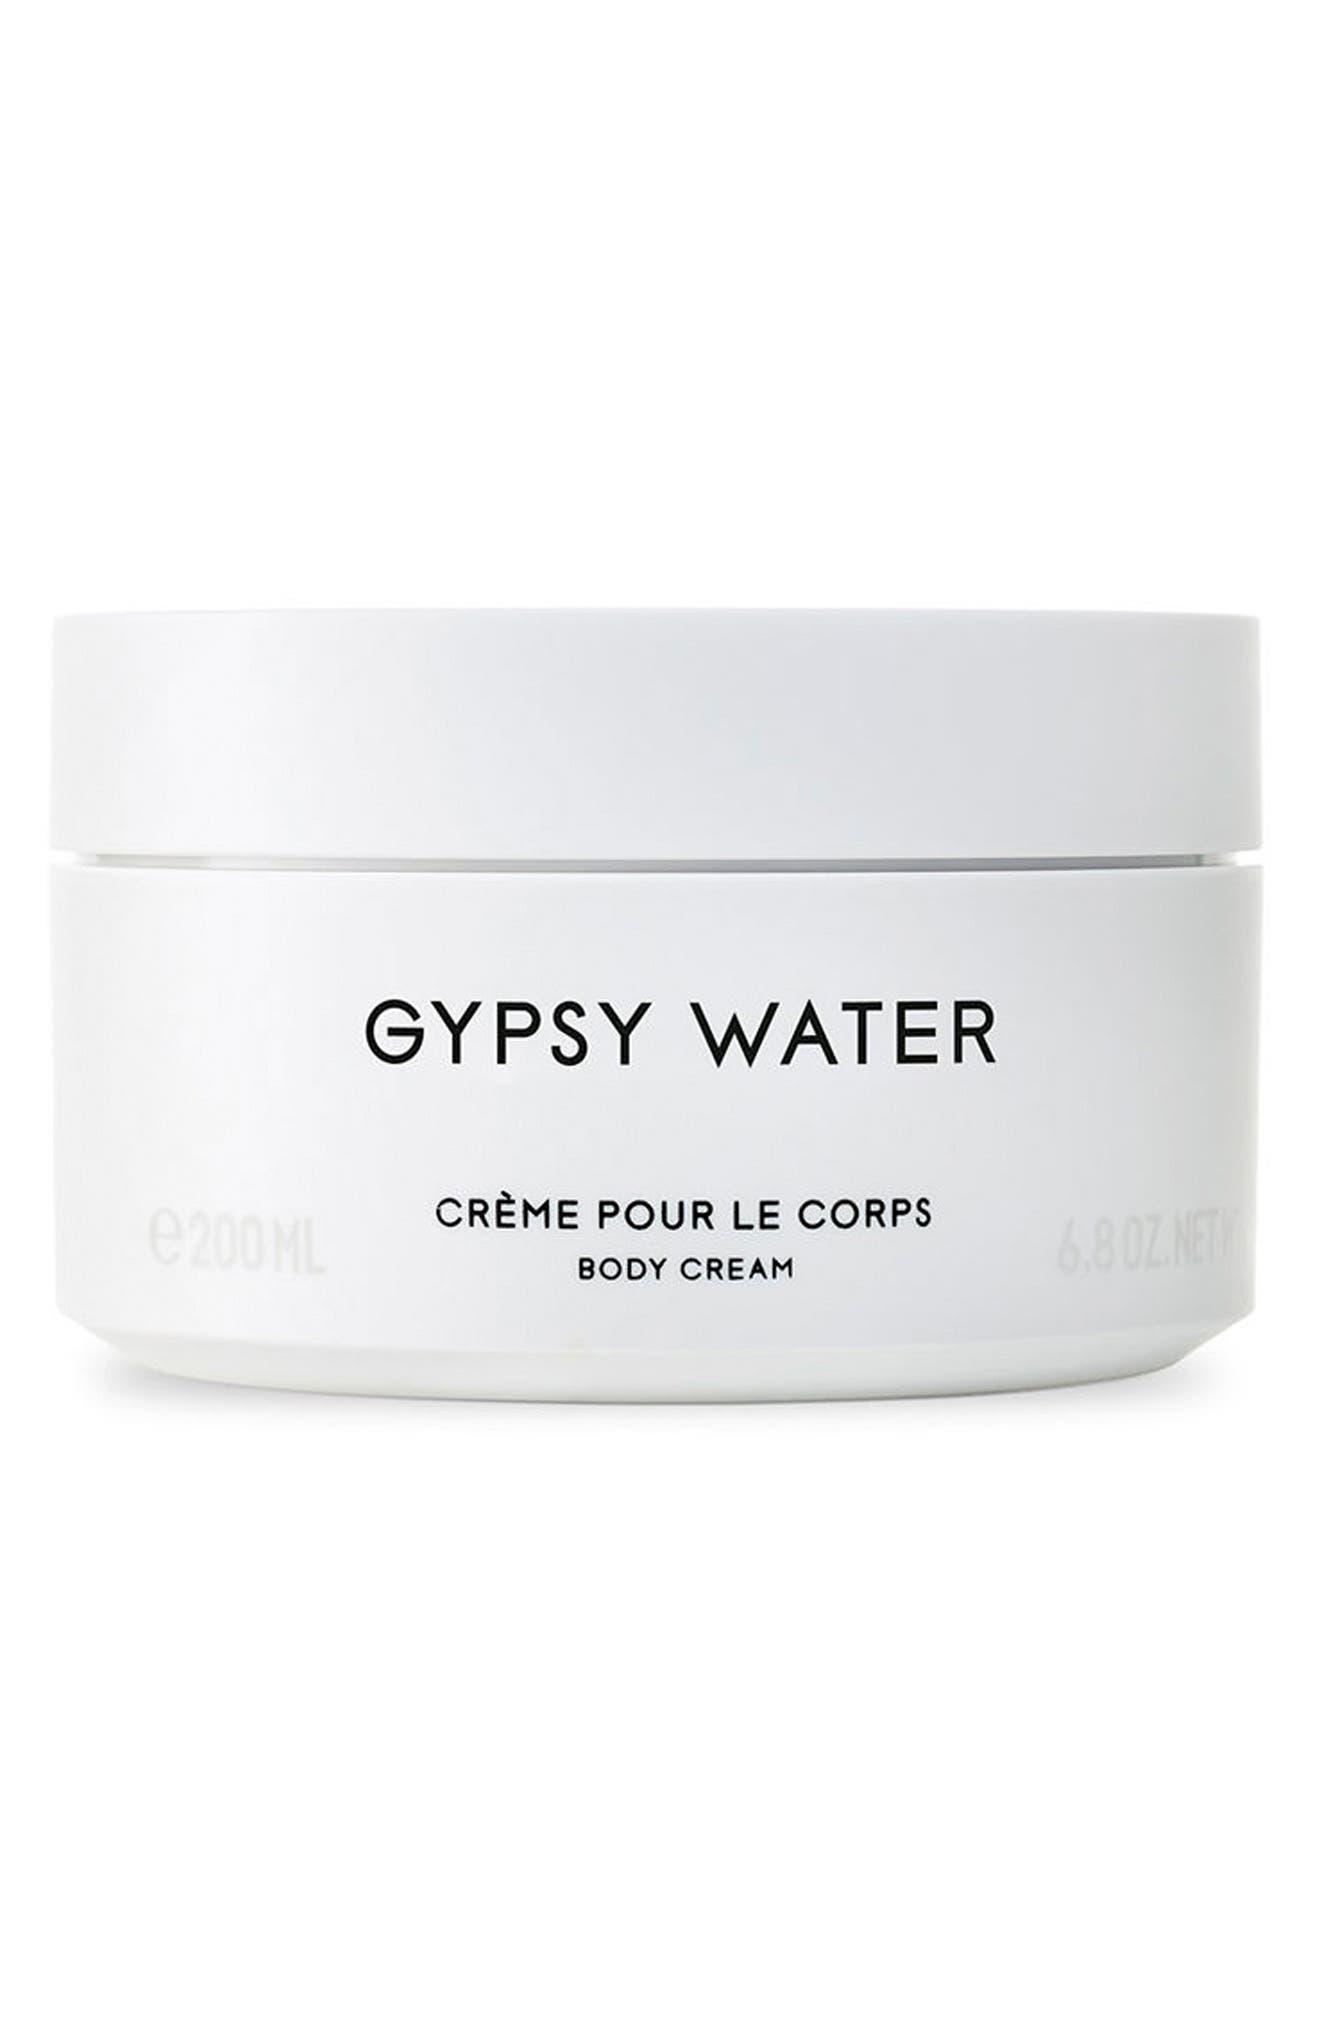 Gypsy Water Body Cream,                         Main,                         color, No Color